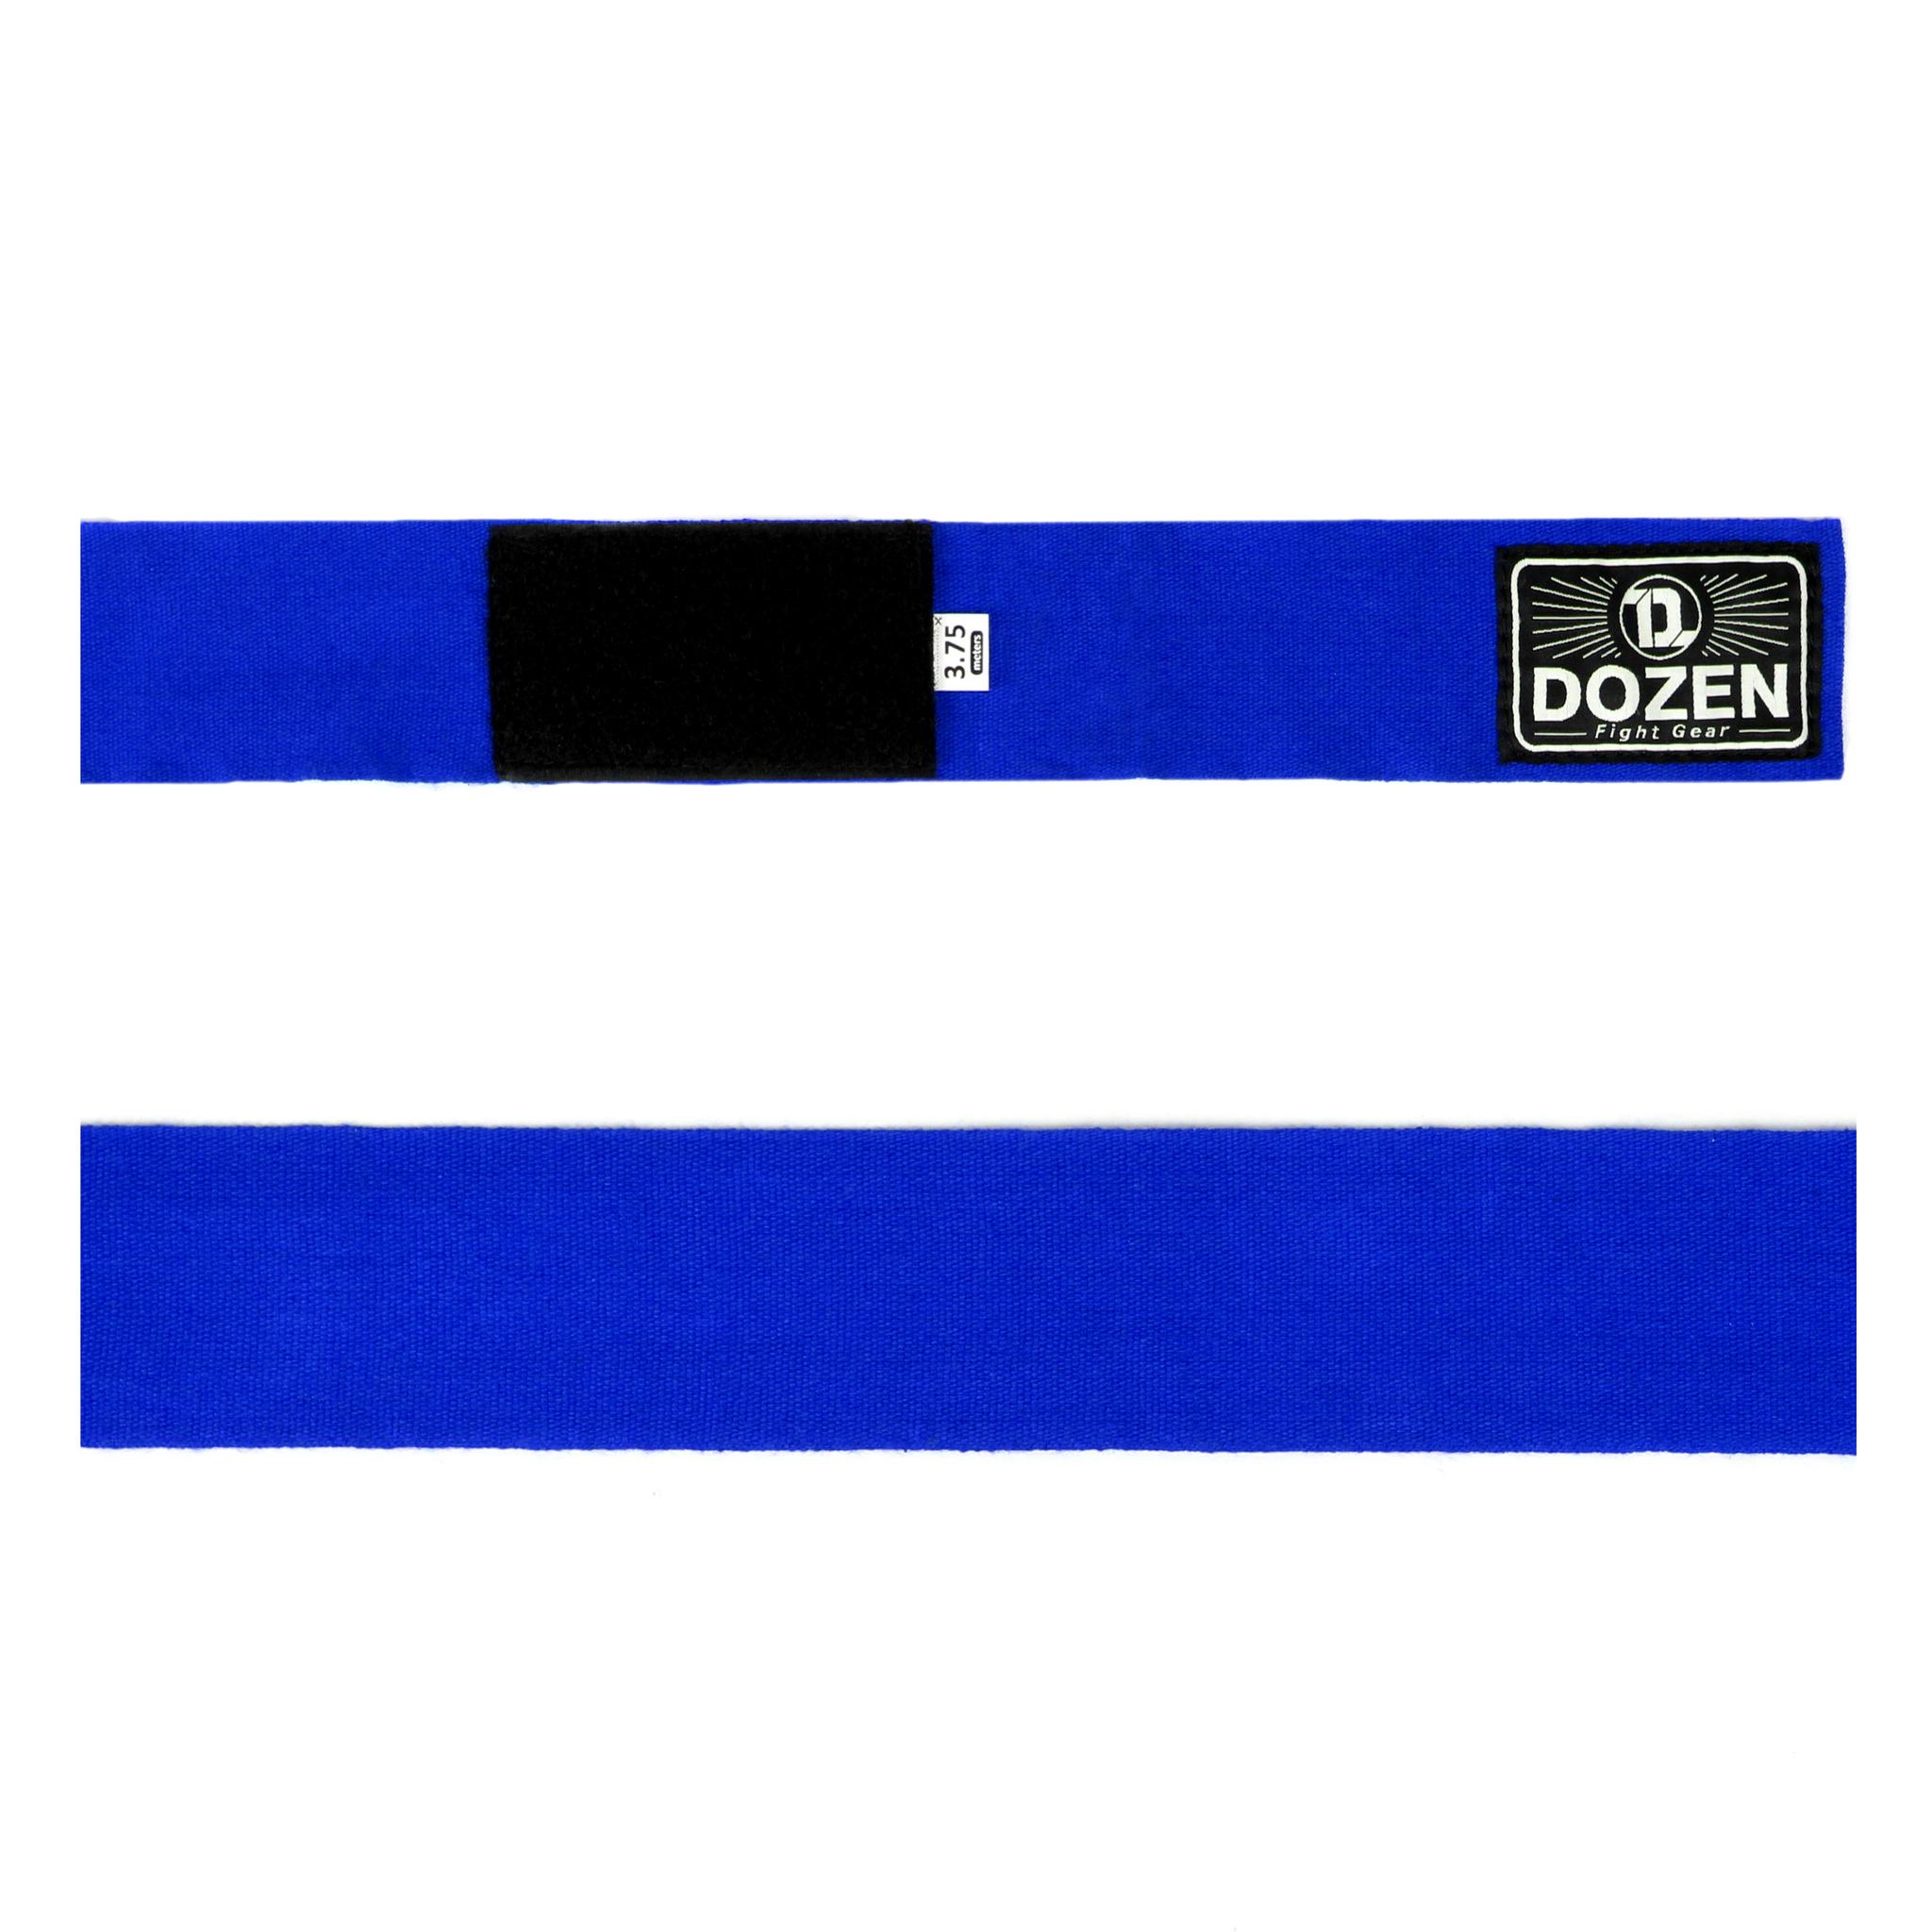 Бинты синие Dozen Monochrome Ultra-elastic вид ленты